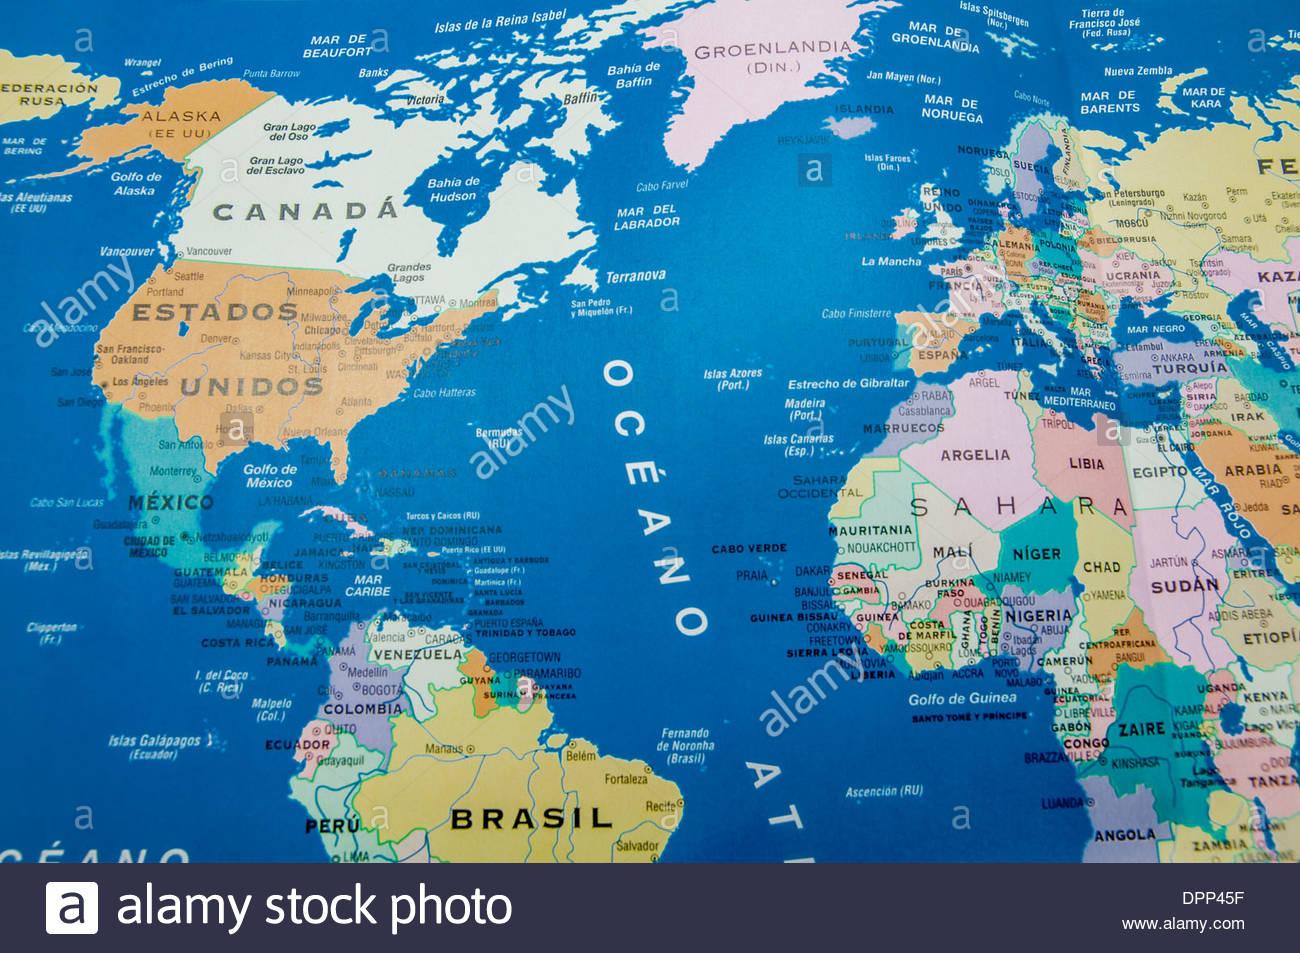 Carte Géographique De L'amérique Et L'europe Banque D'images tout Carte Géographique Europe